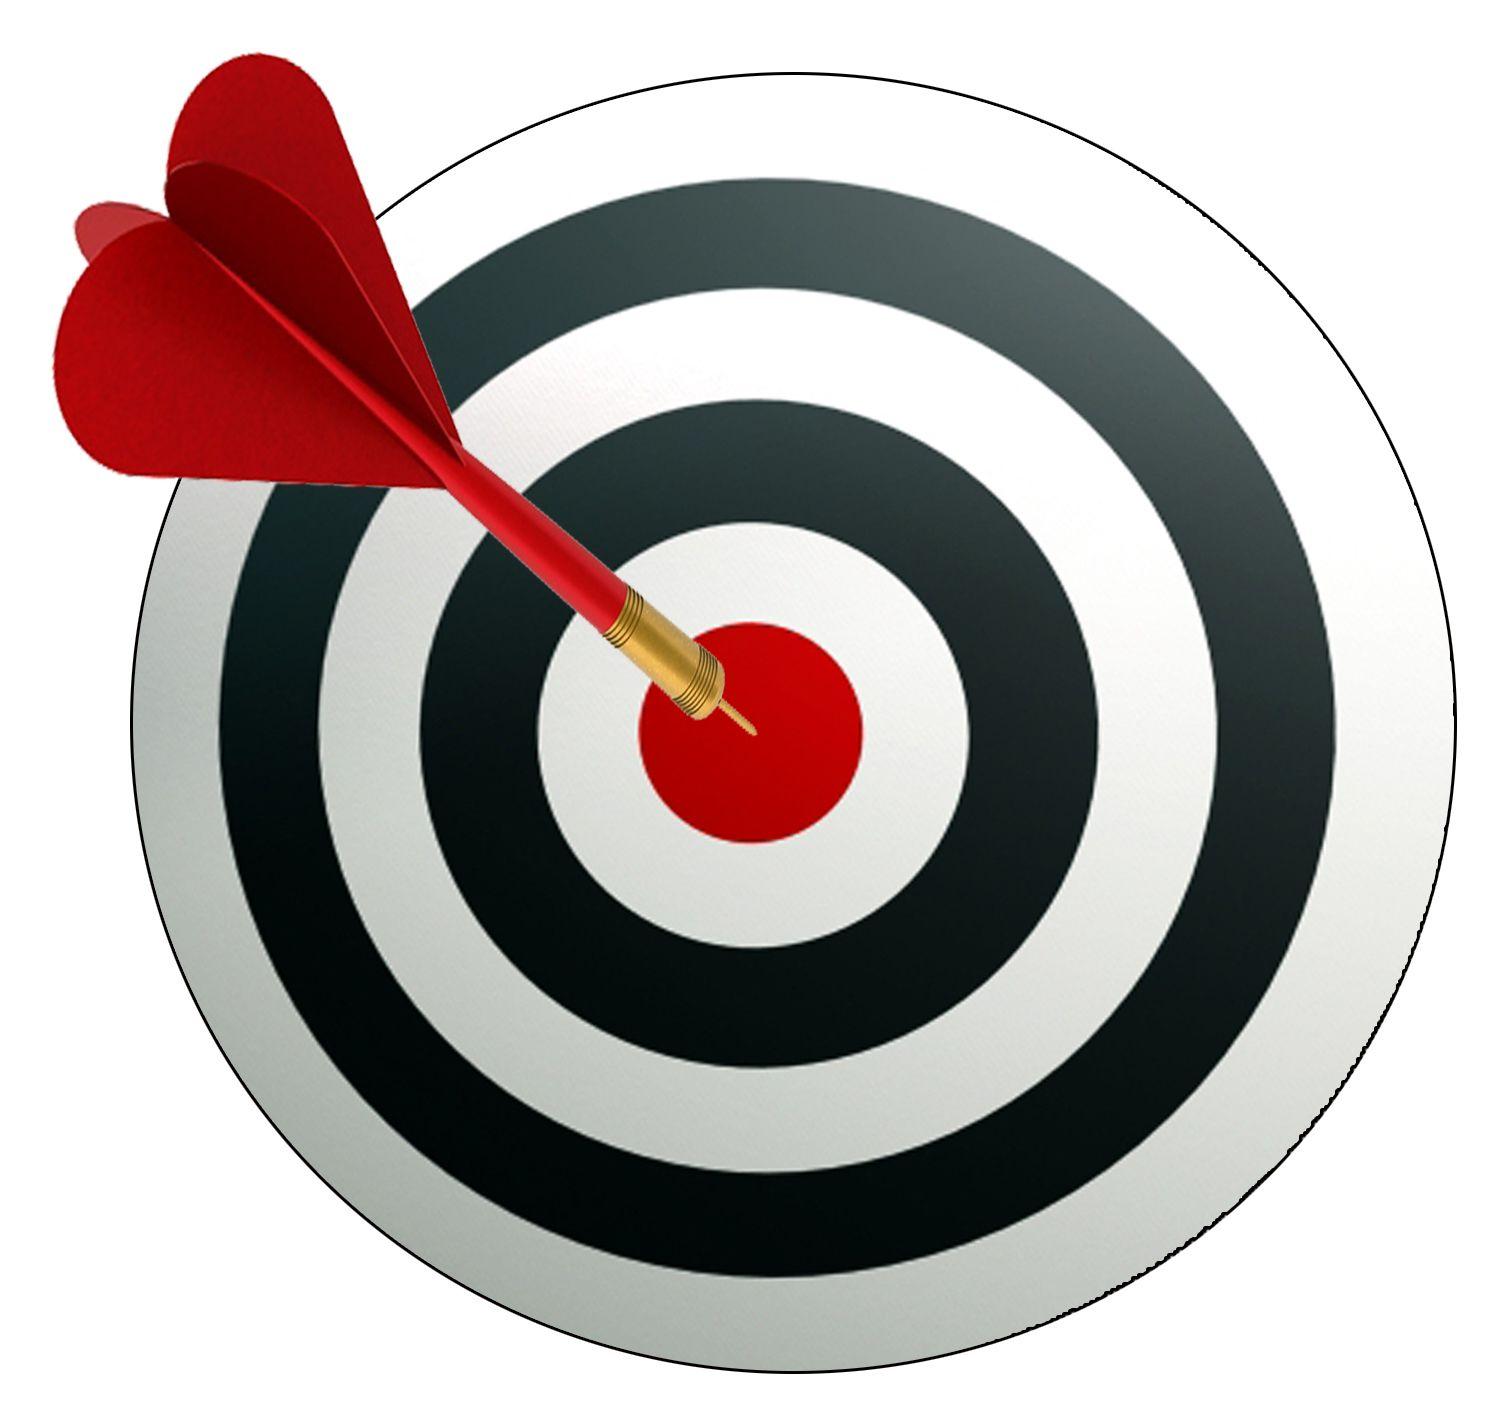 Target jpg free library 3000x3000px Target 1011.51 KB #338963 jpg free library